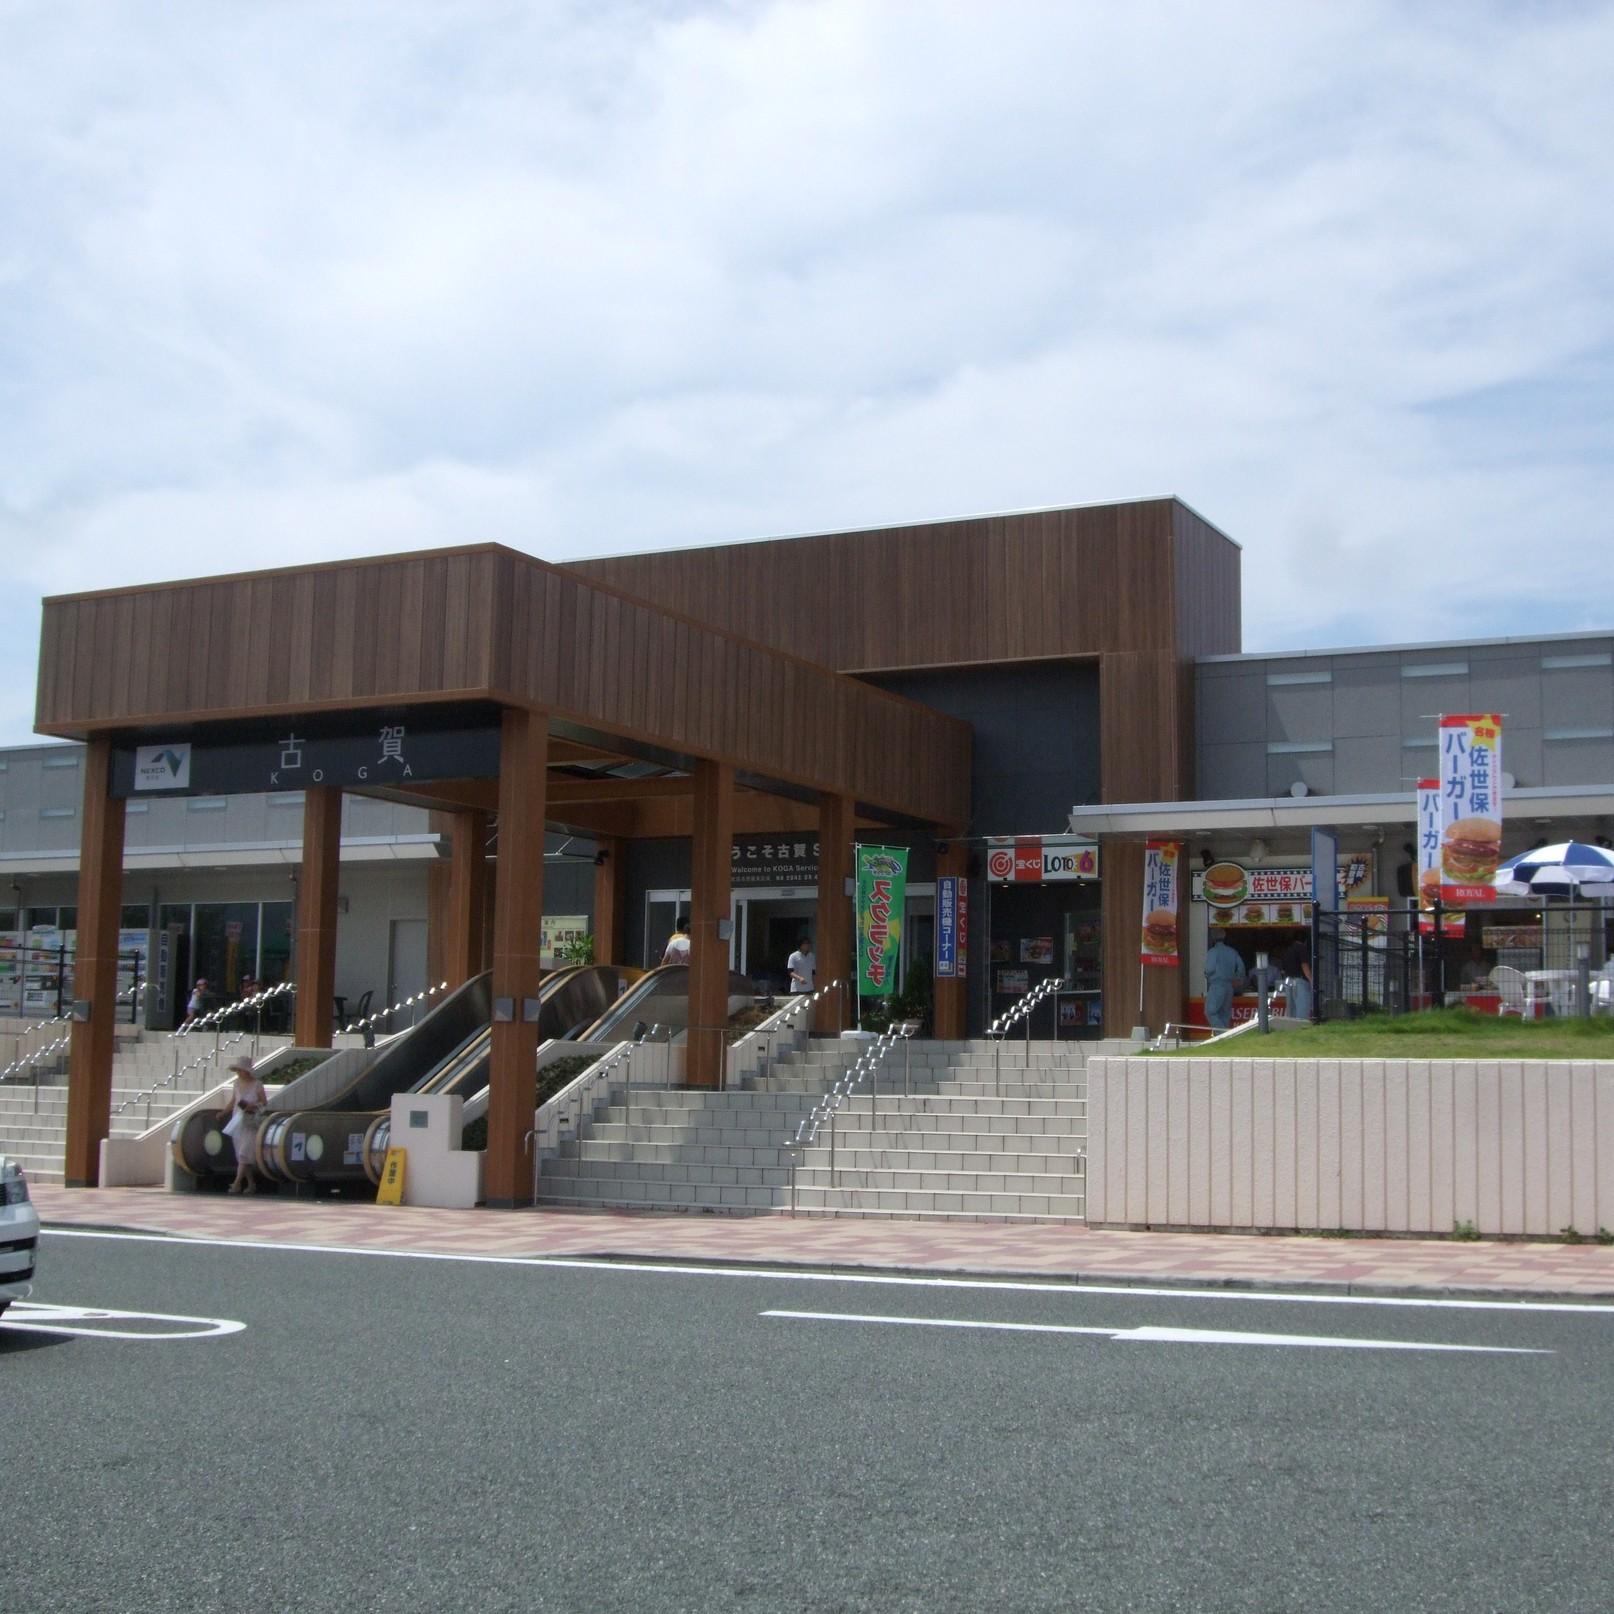 古賀サービスエリア(上り線)屋台特設コーナー